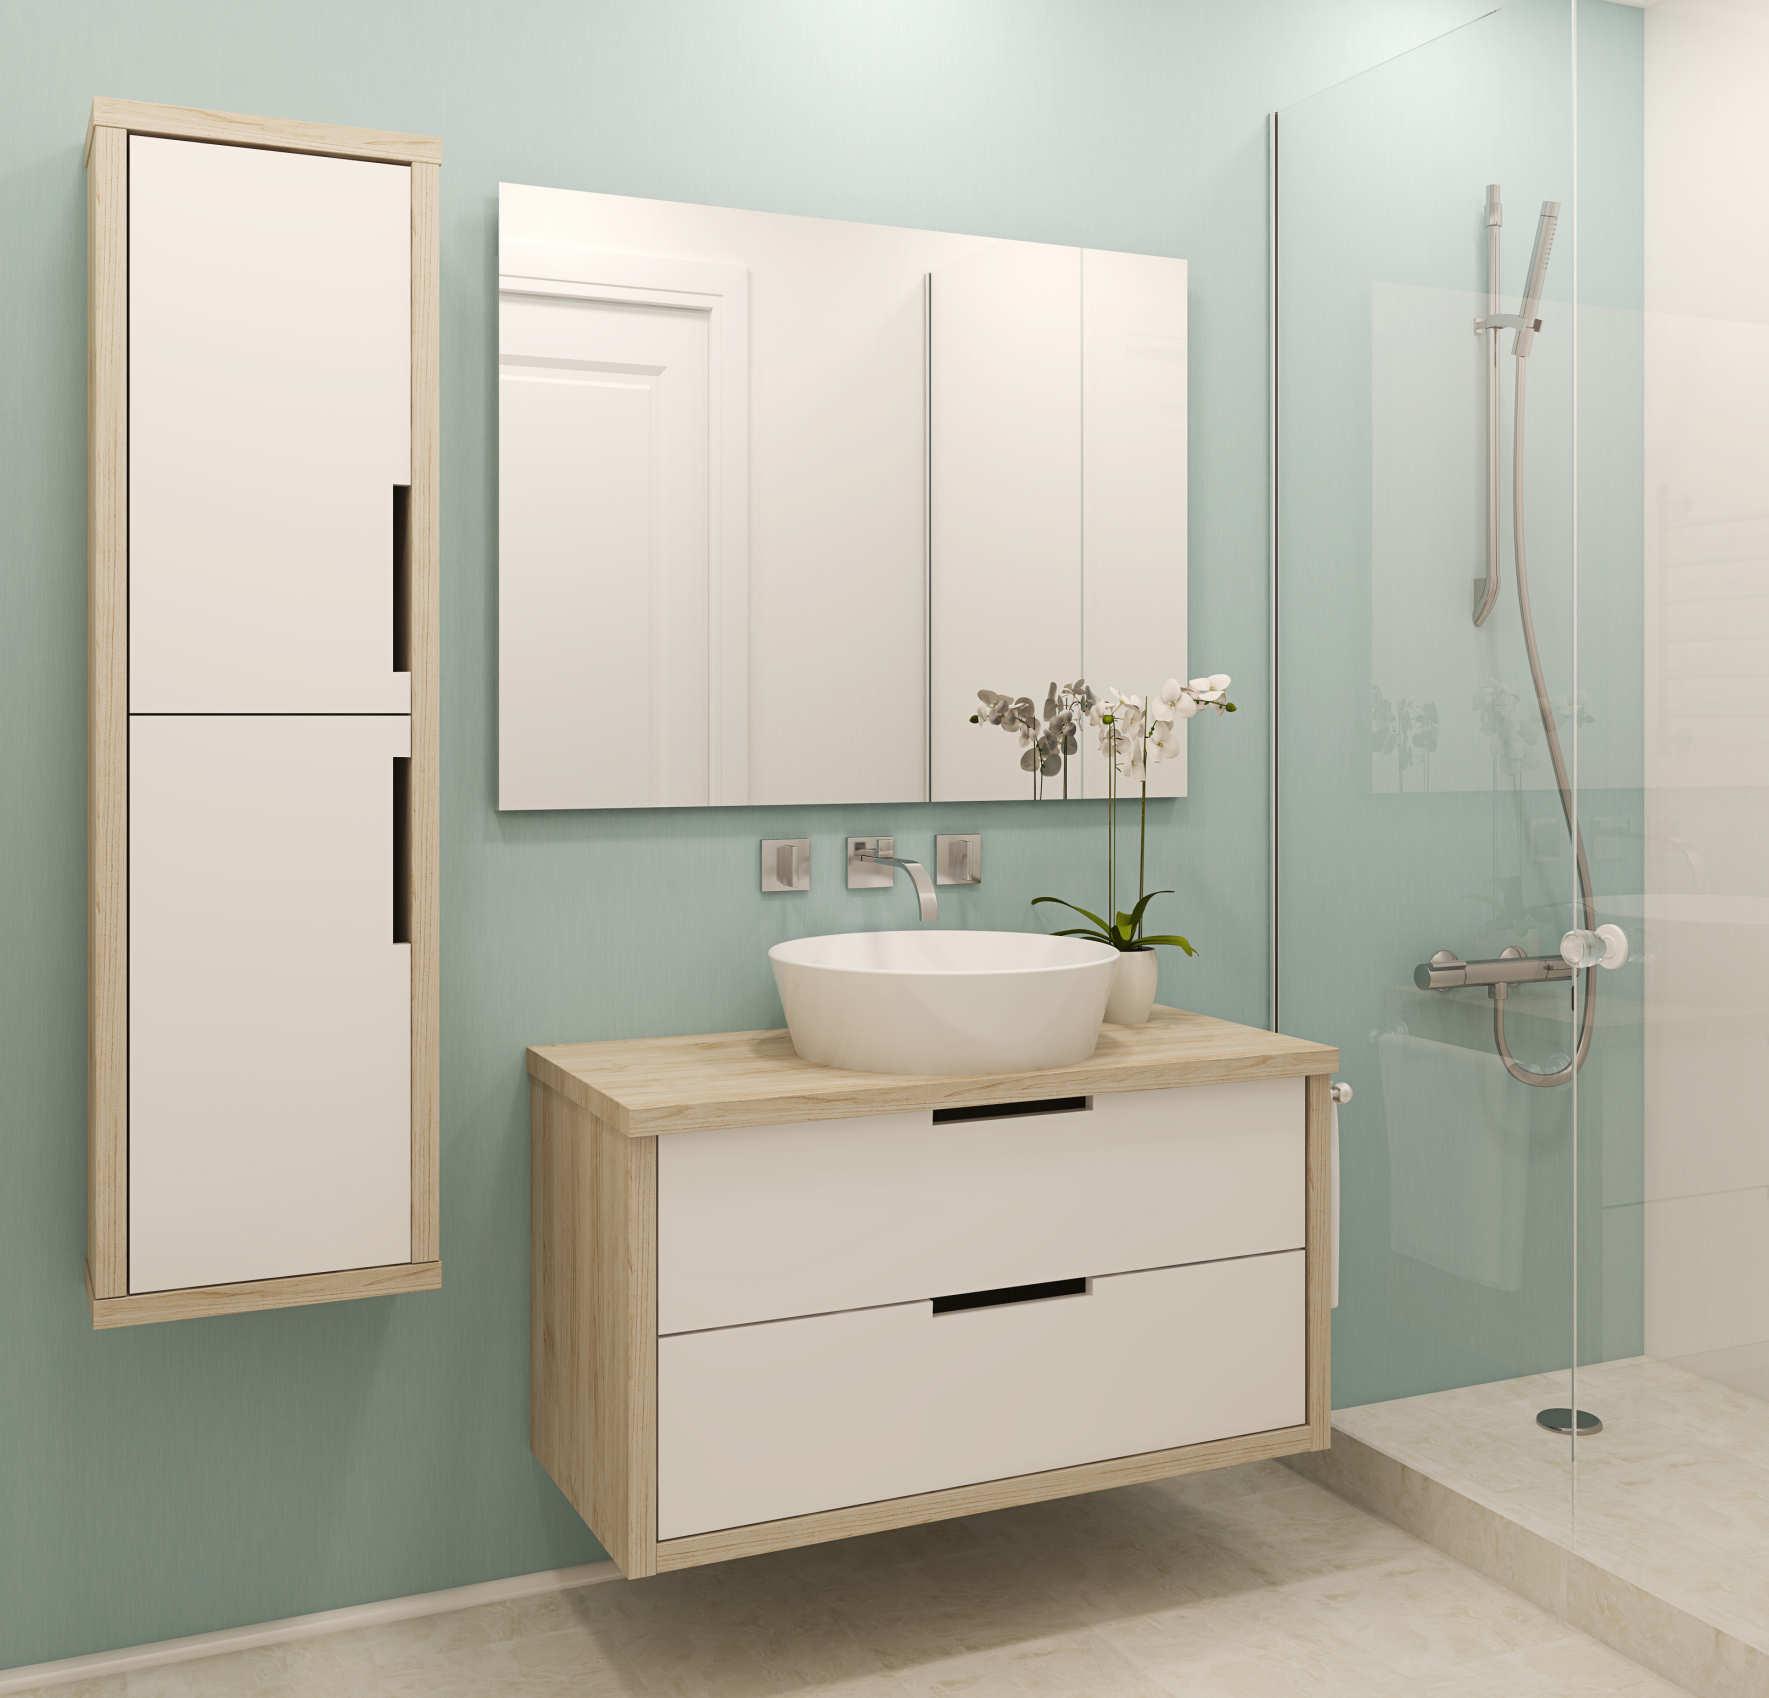 Muebles De Baño Pequenos:muebles de baño minimalista muebles de baño minimalista muebles de